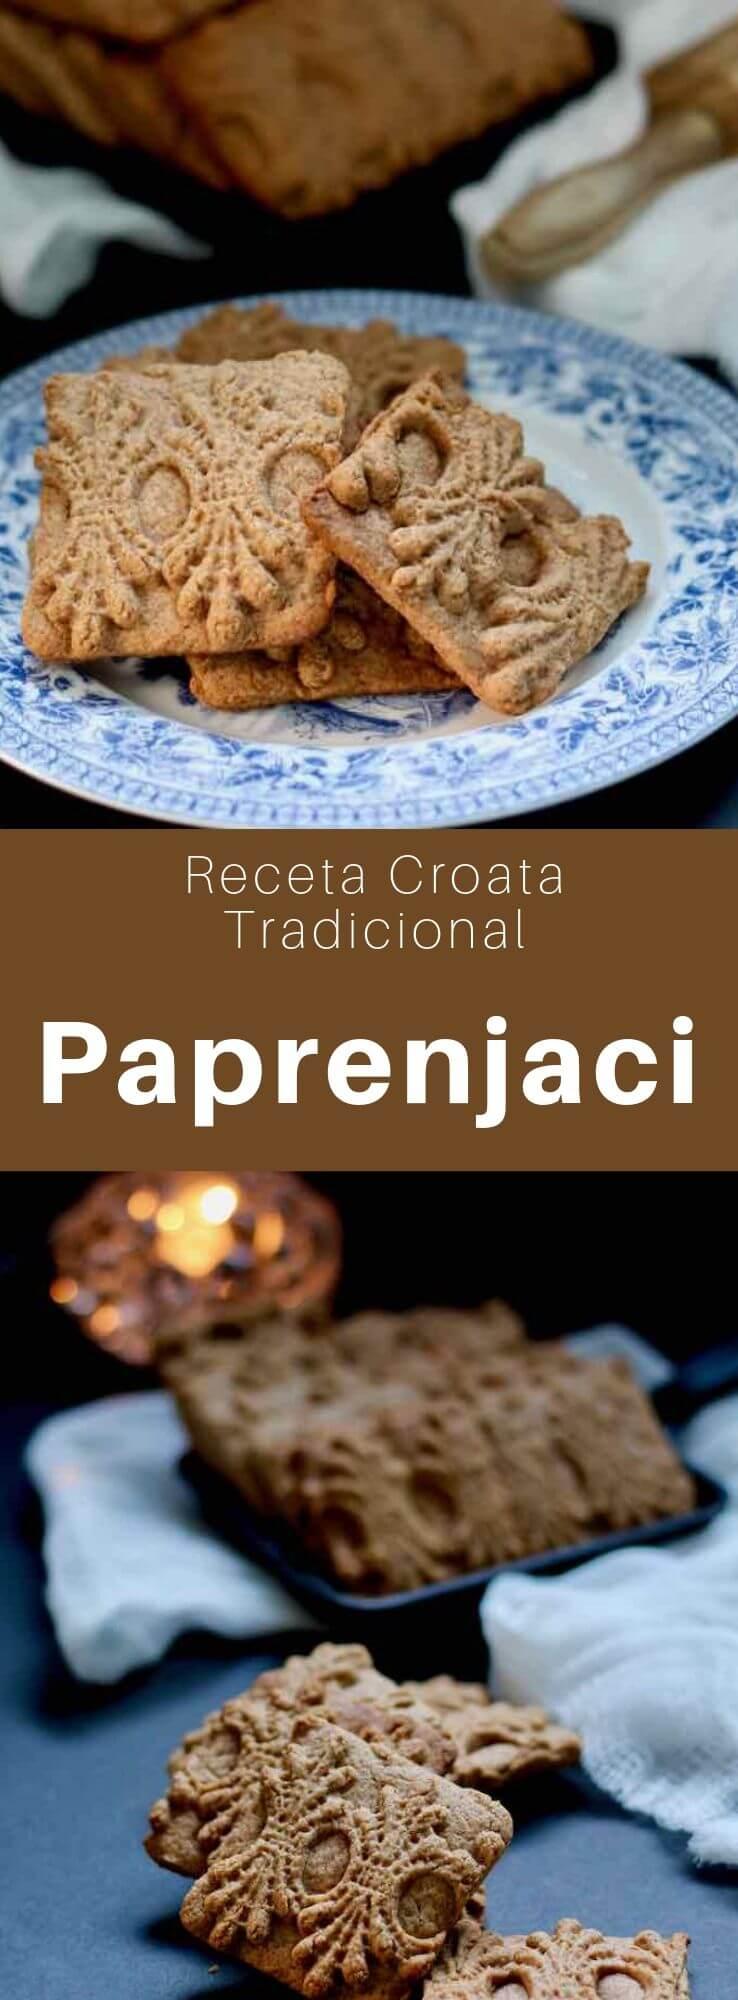 Las galletas paprenjaci (paprenjak, en singular) son galletas croatas tradicionales con sabor a miel y pimienta negra.